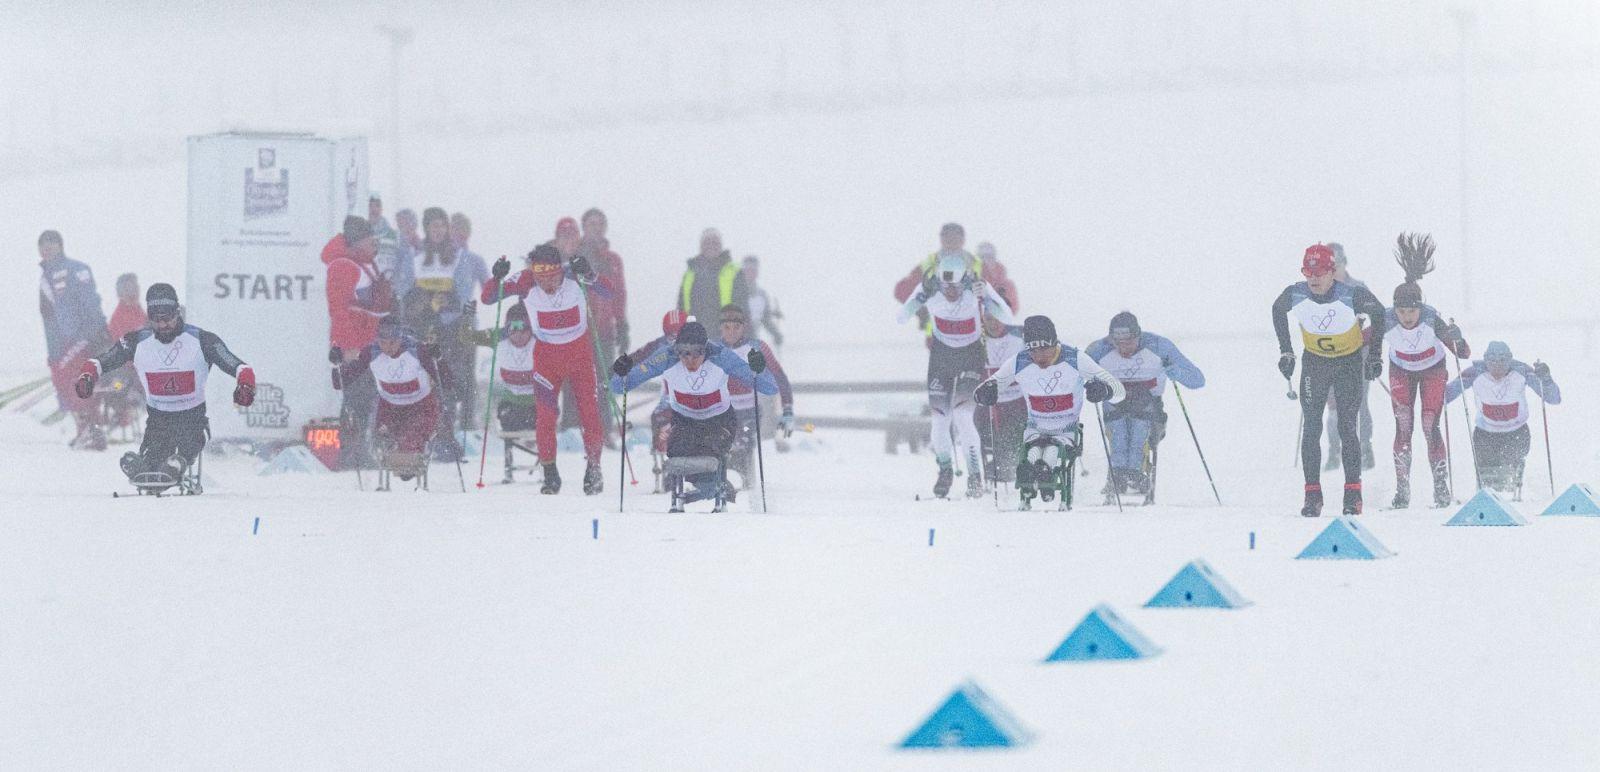 Сборная команда России примет участие в этапе Кубка мира по лыжным гонкам и биатлону МПК в Германии